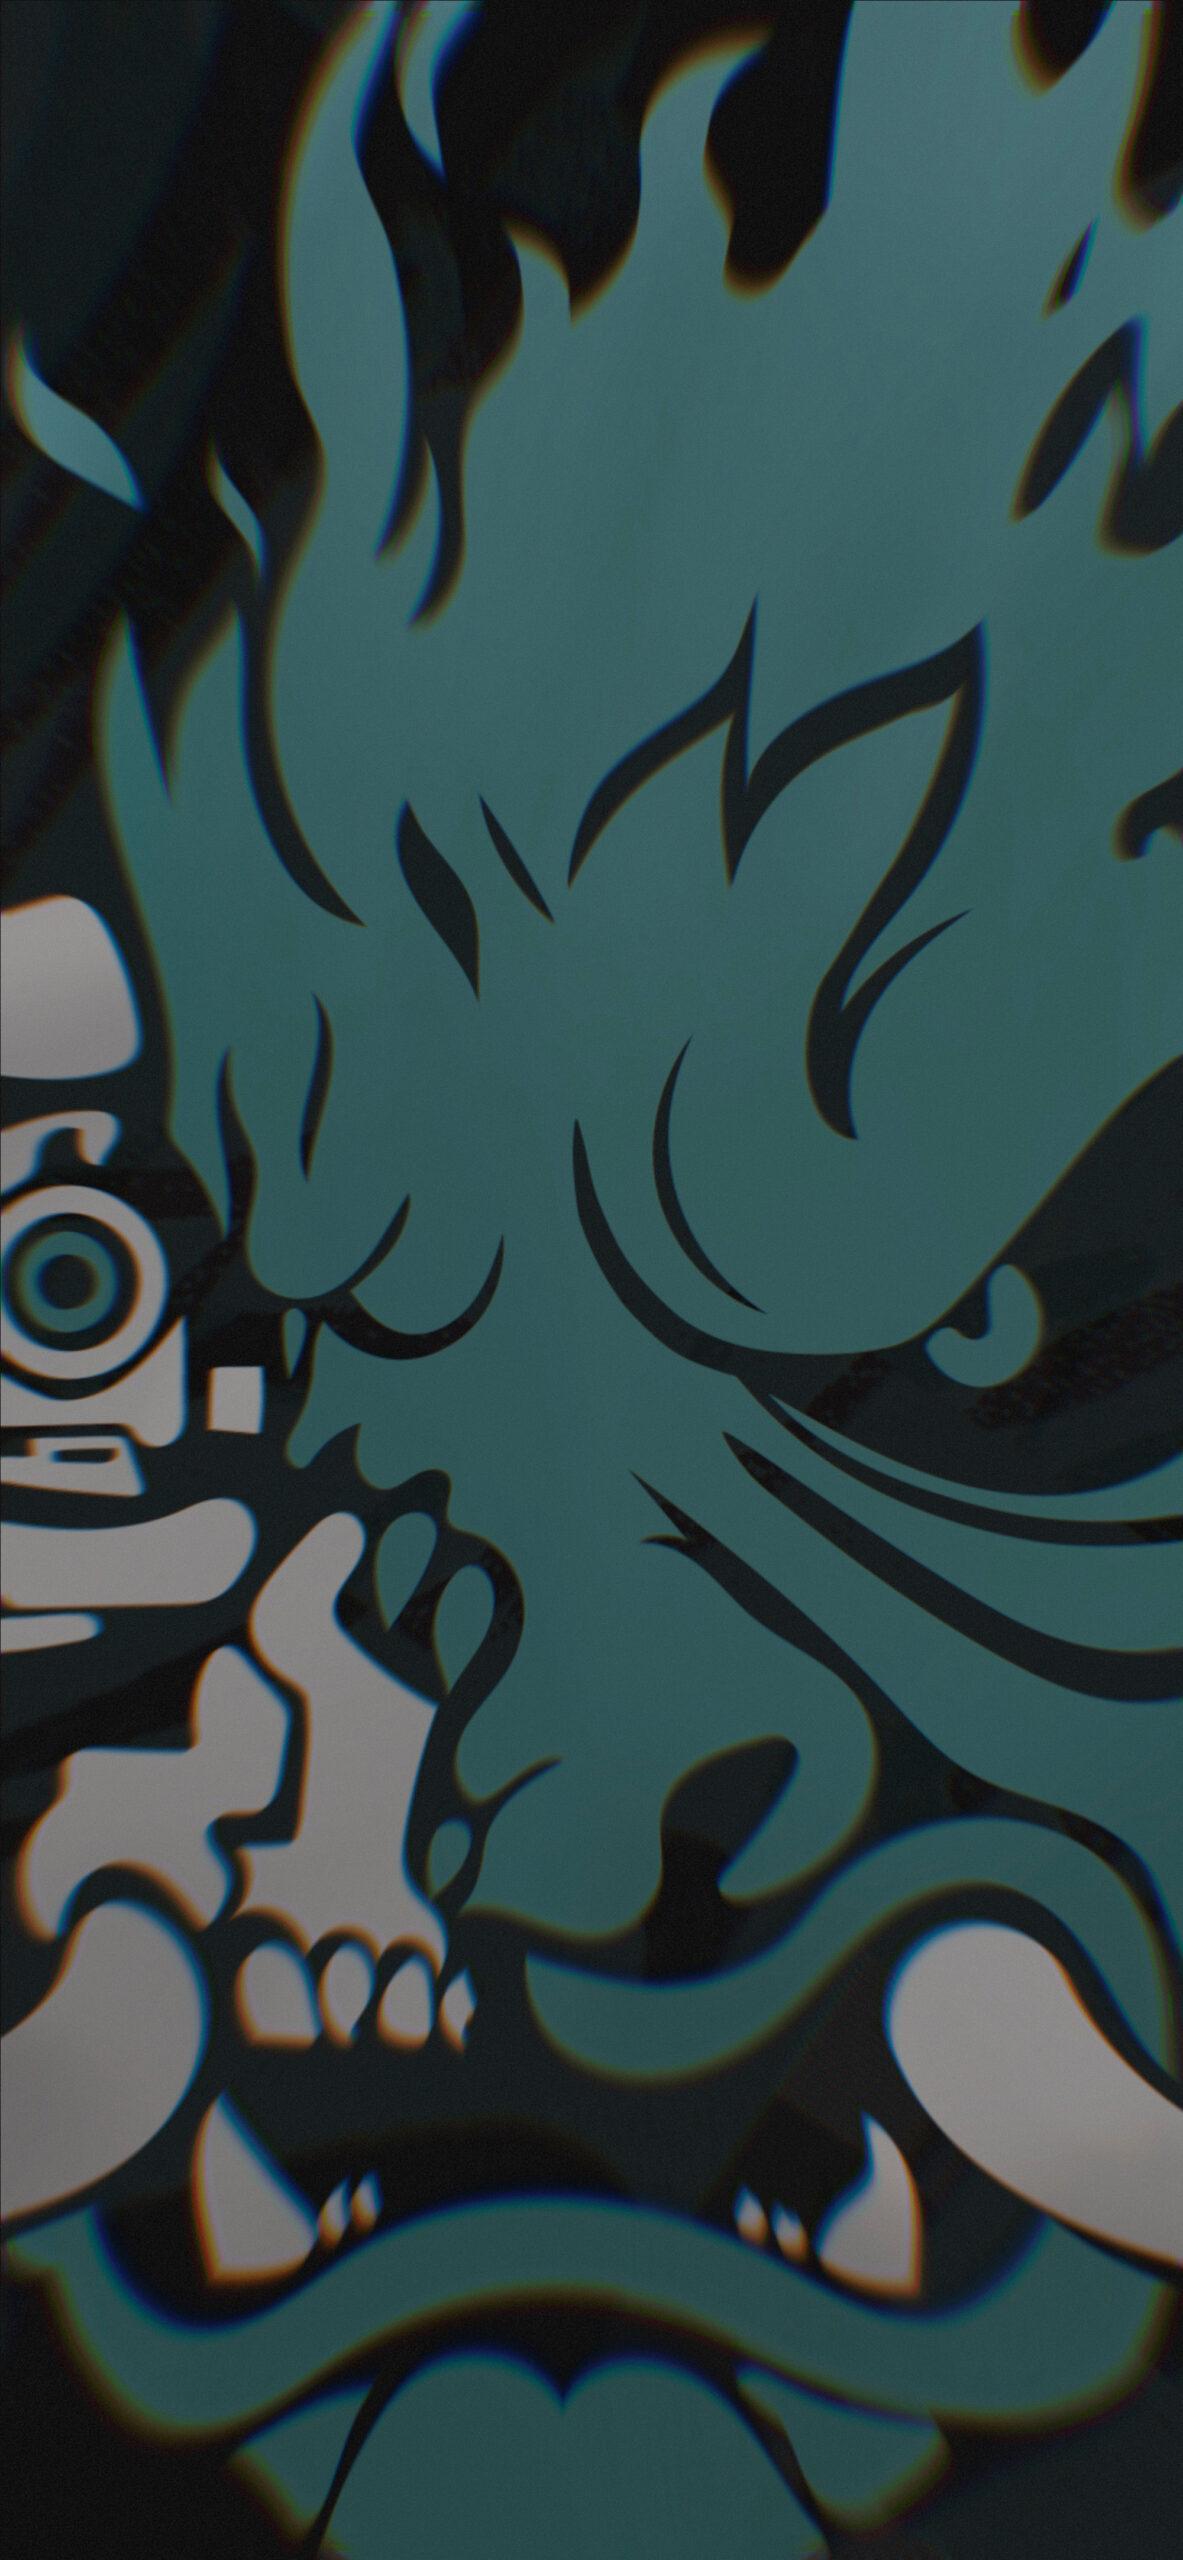 cyberpunk 2077 samurai logo red background